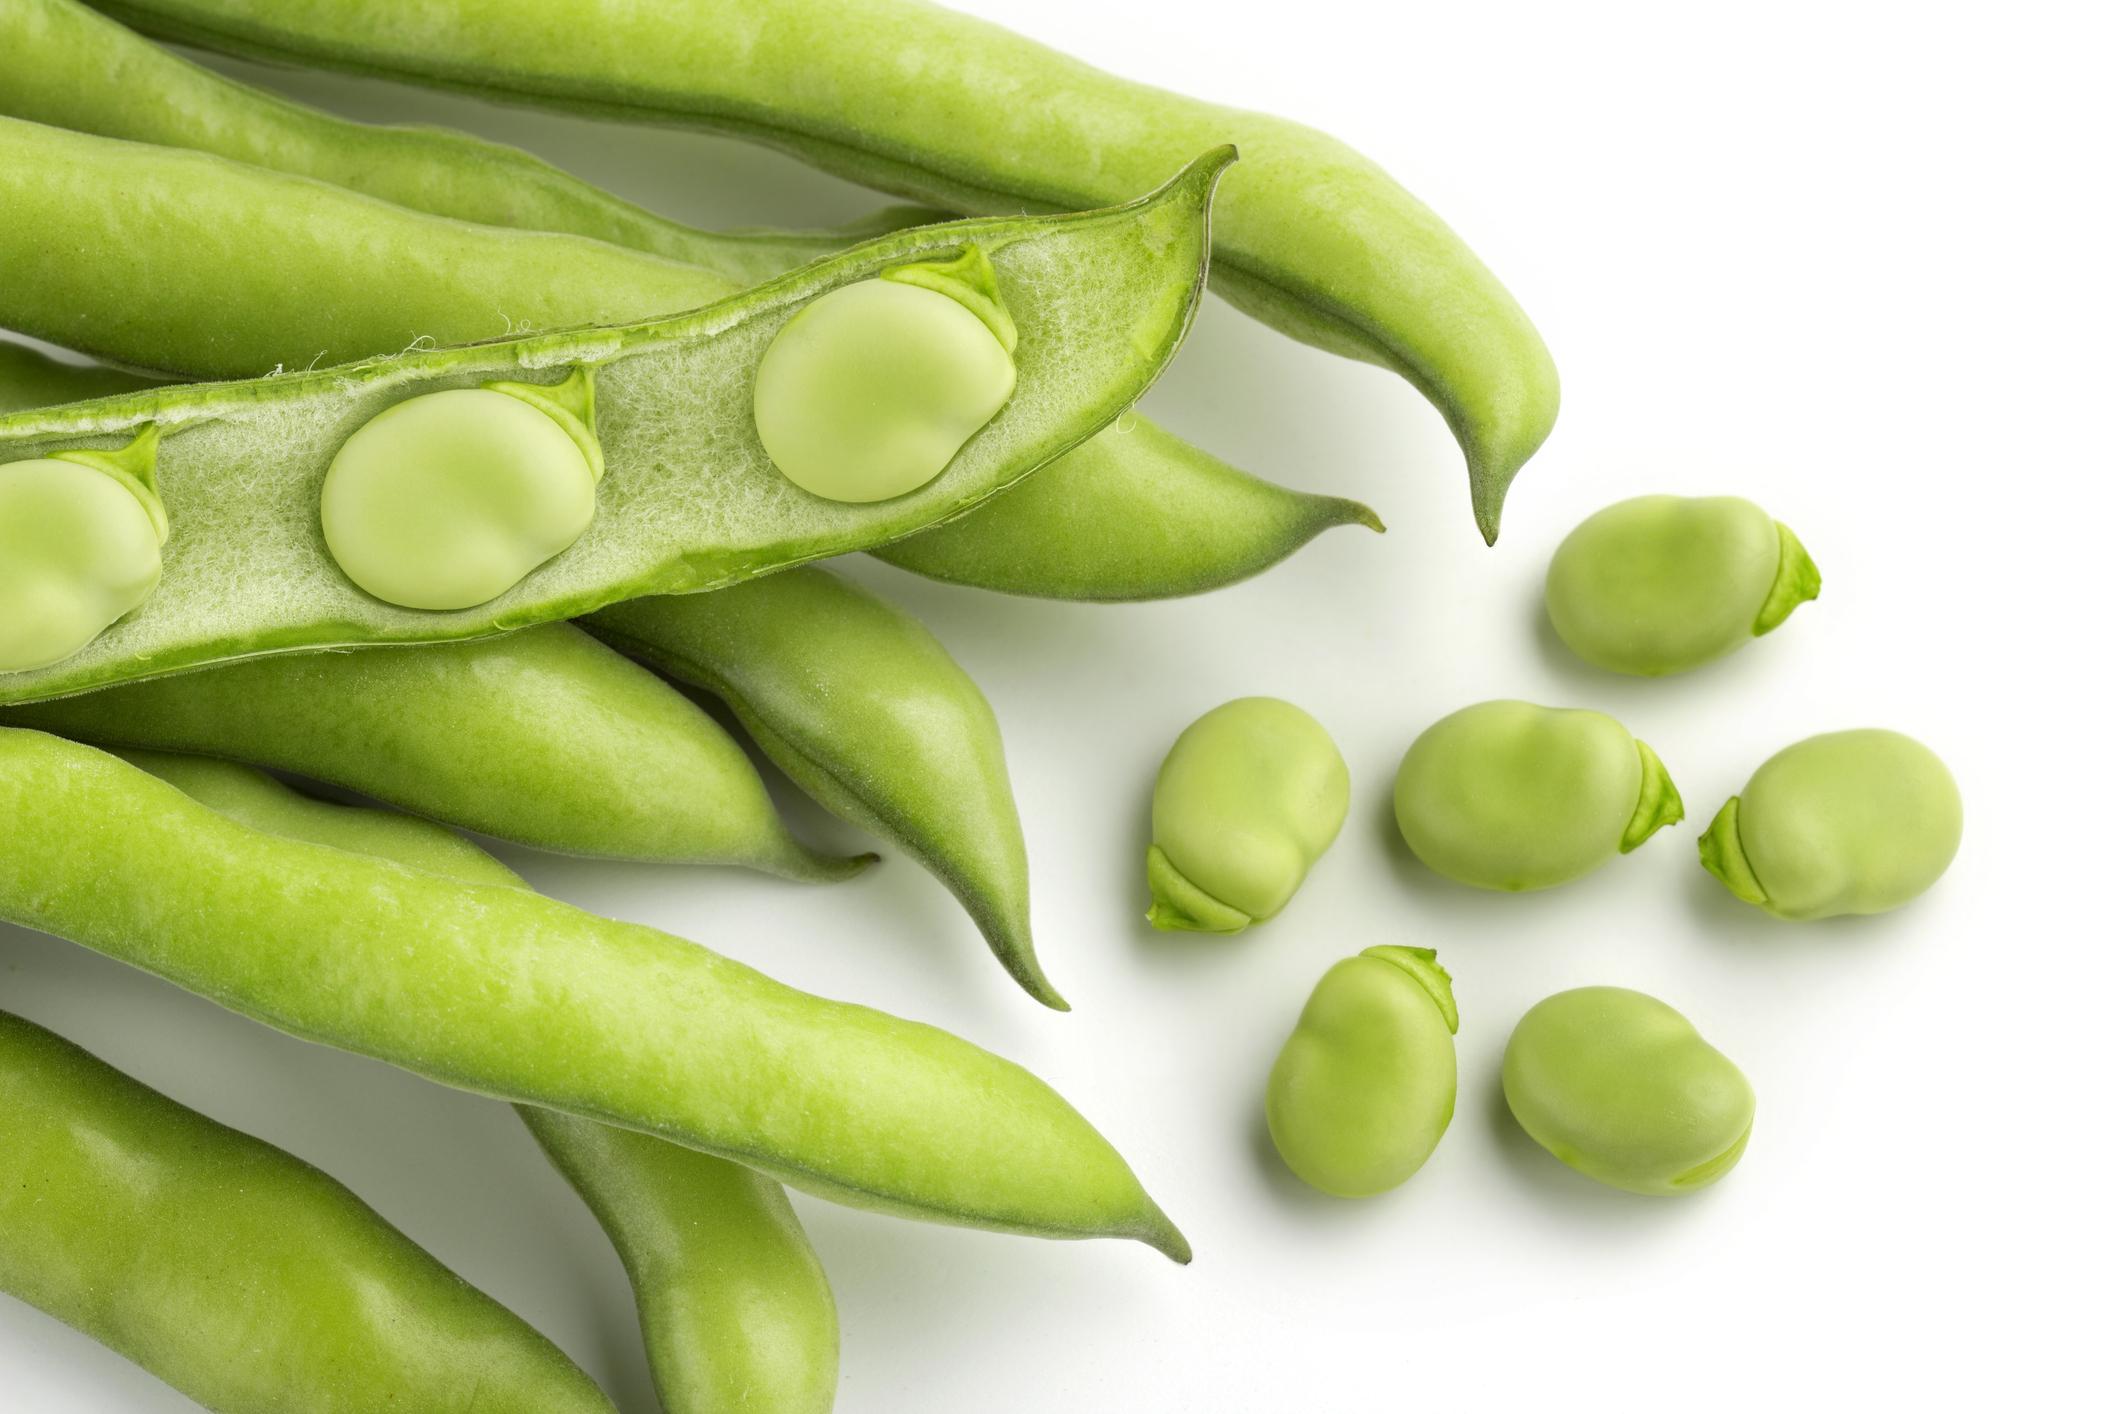 Les fèves : les atouts nutritionnels pour toute la famille